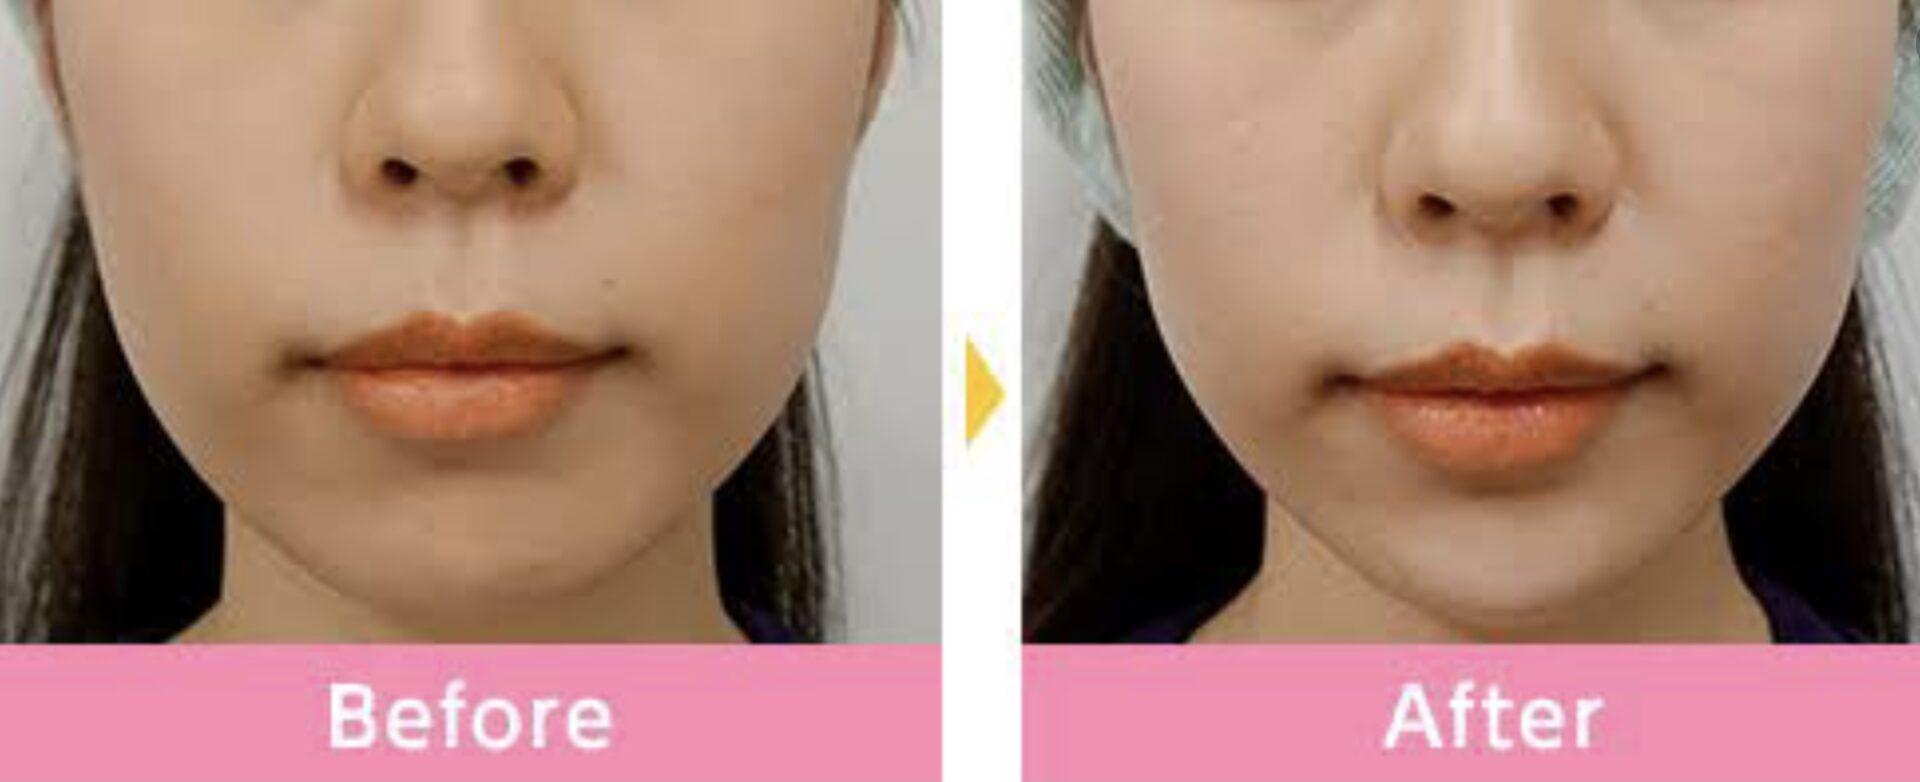 顎ヒアルの写真